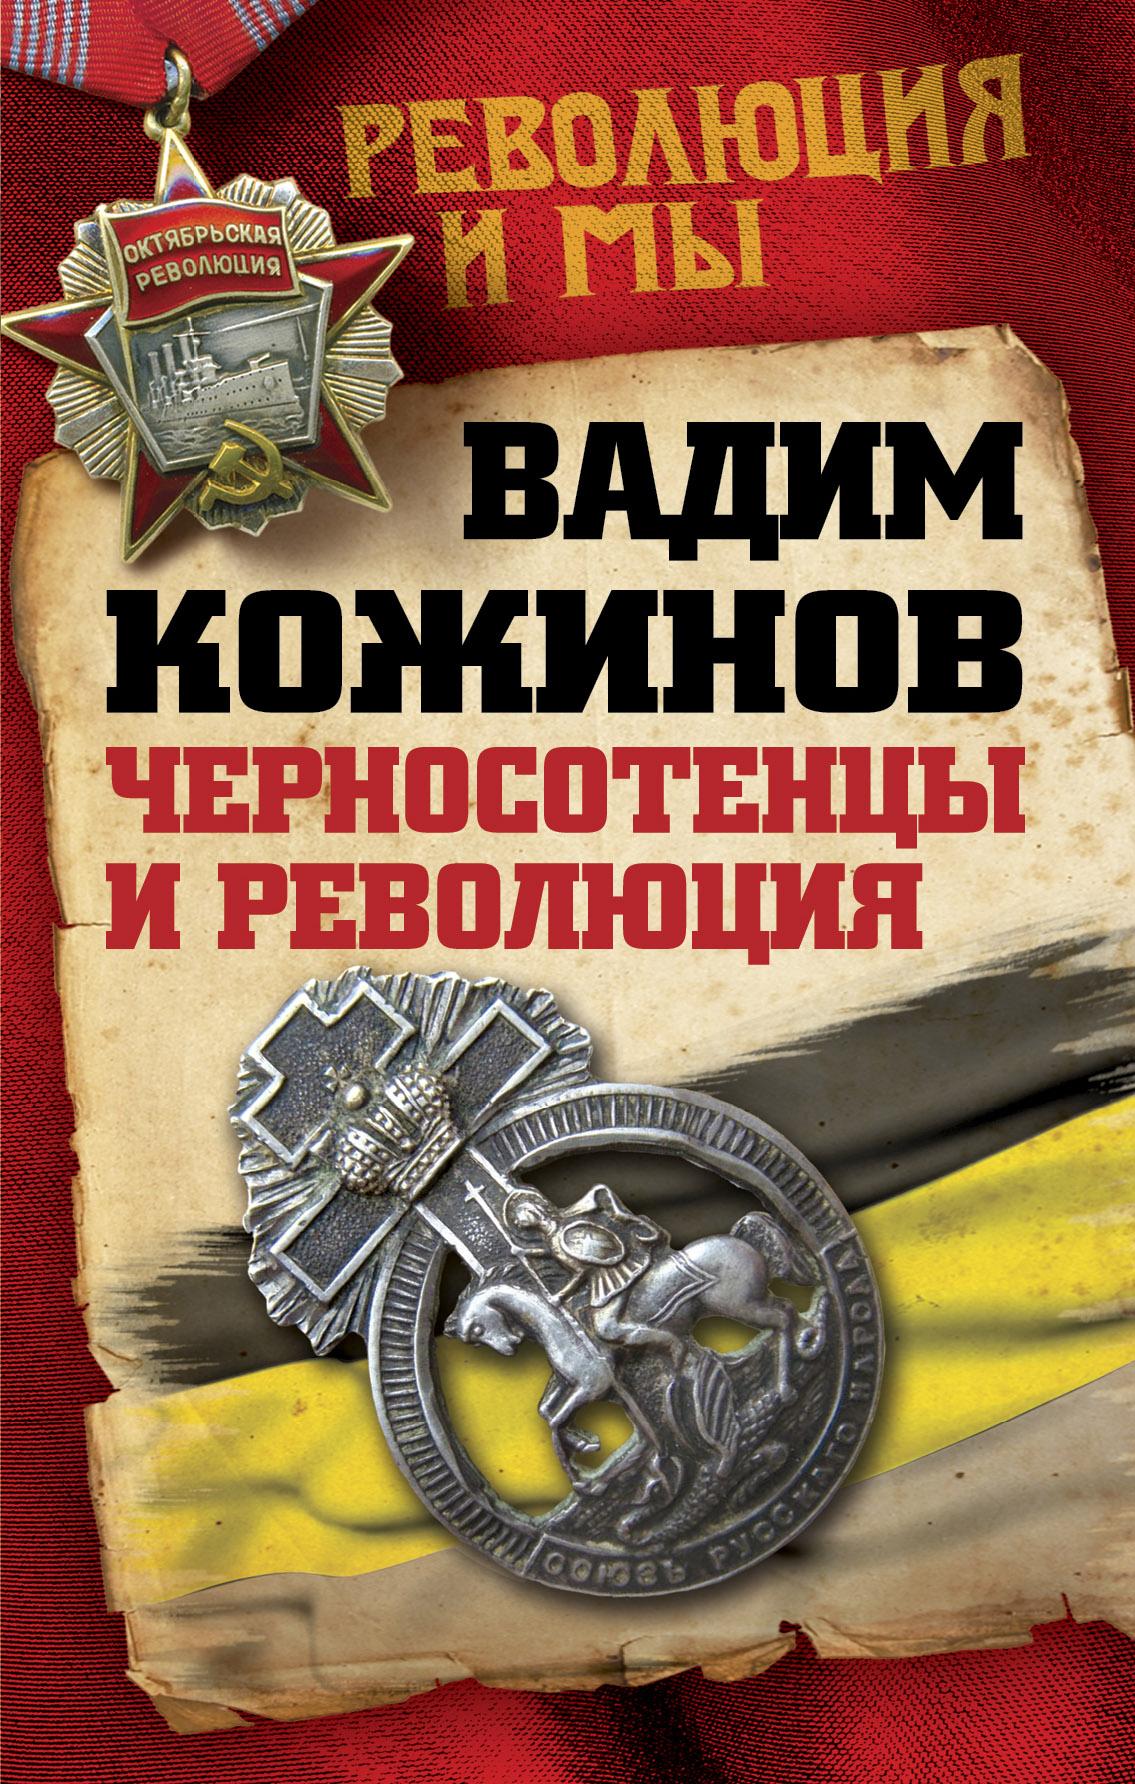 Черносотенцы и Революция